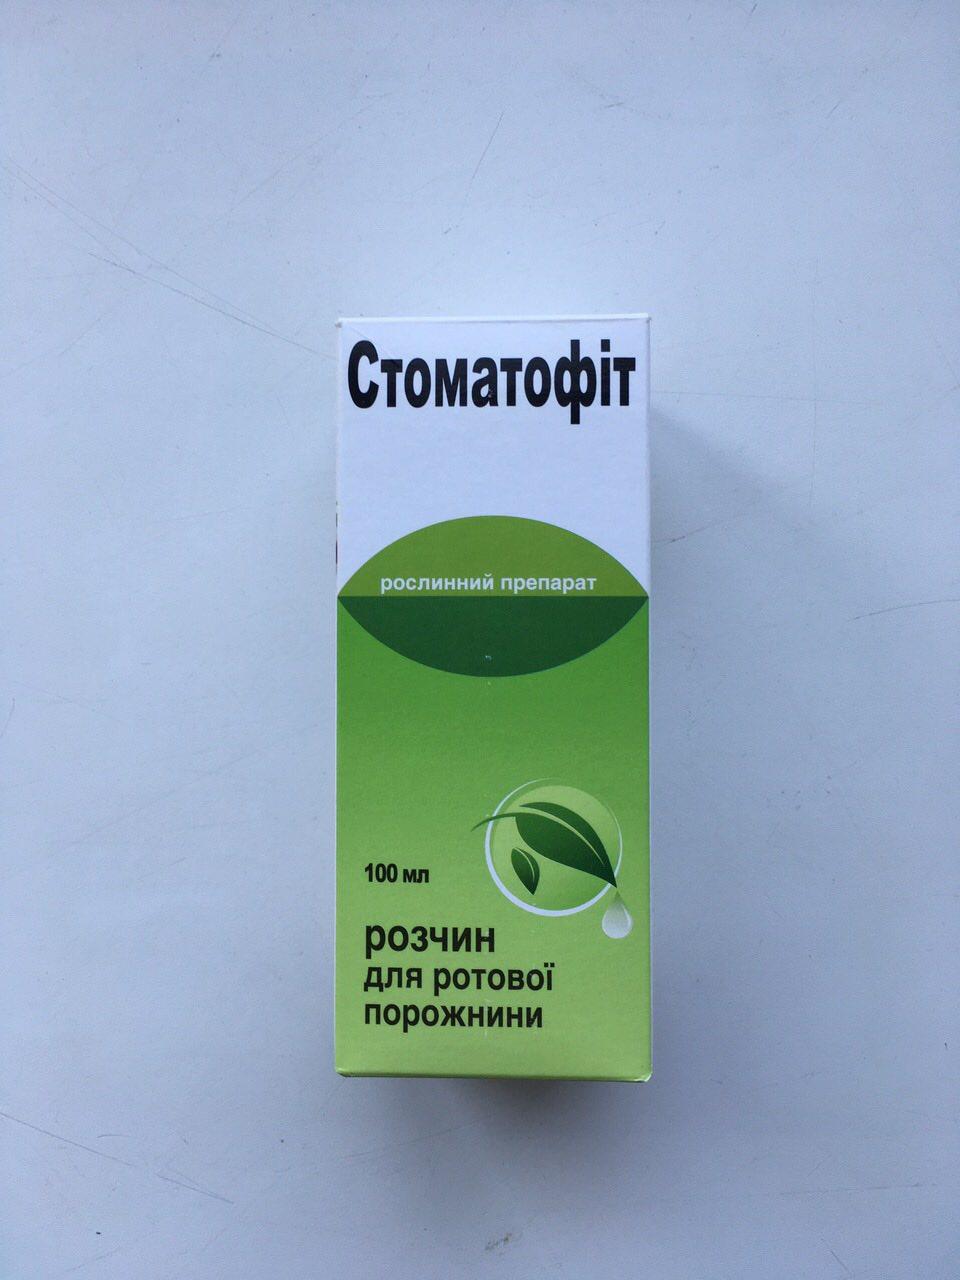 Стоматофит - Стоматофит: хорошее средство для десен, которые кровоточат